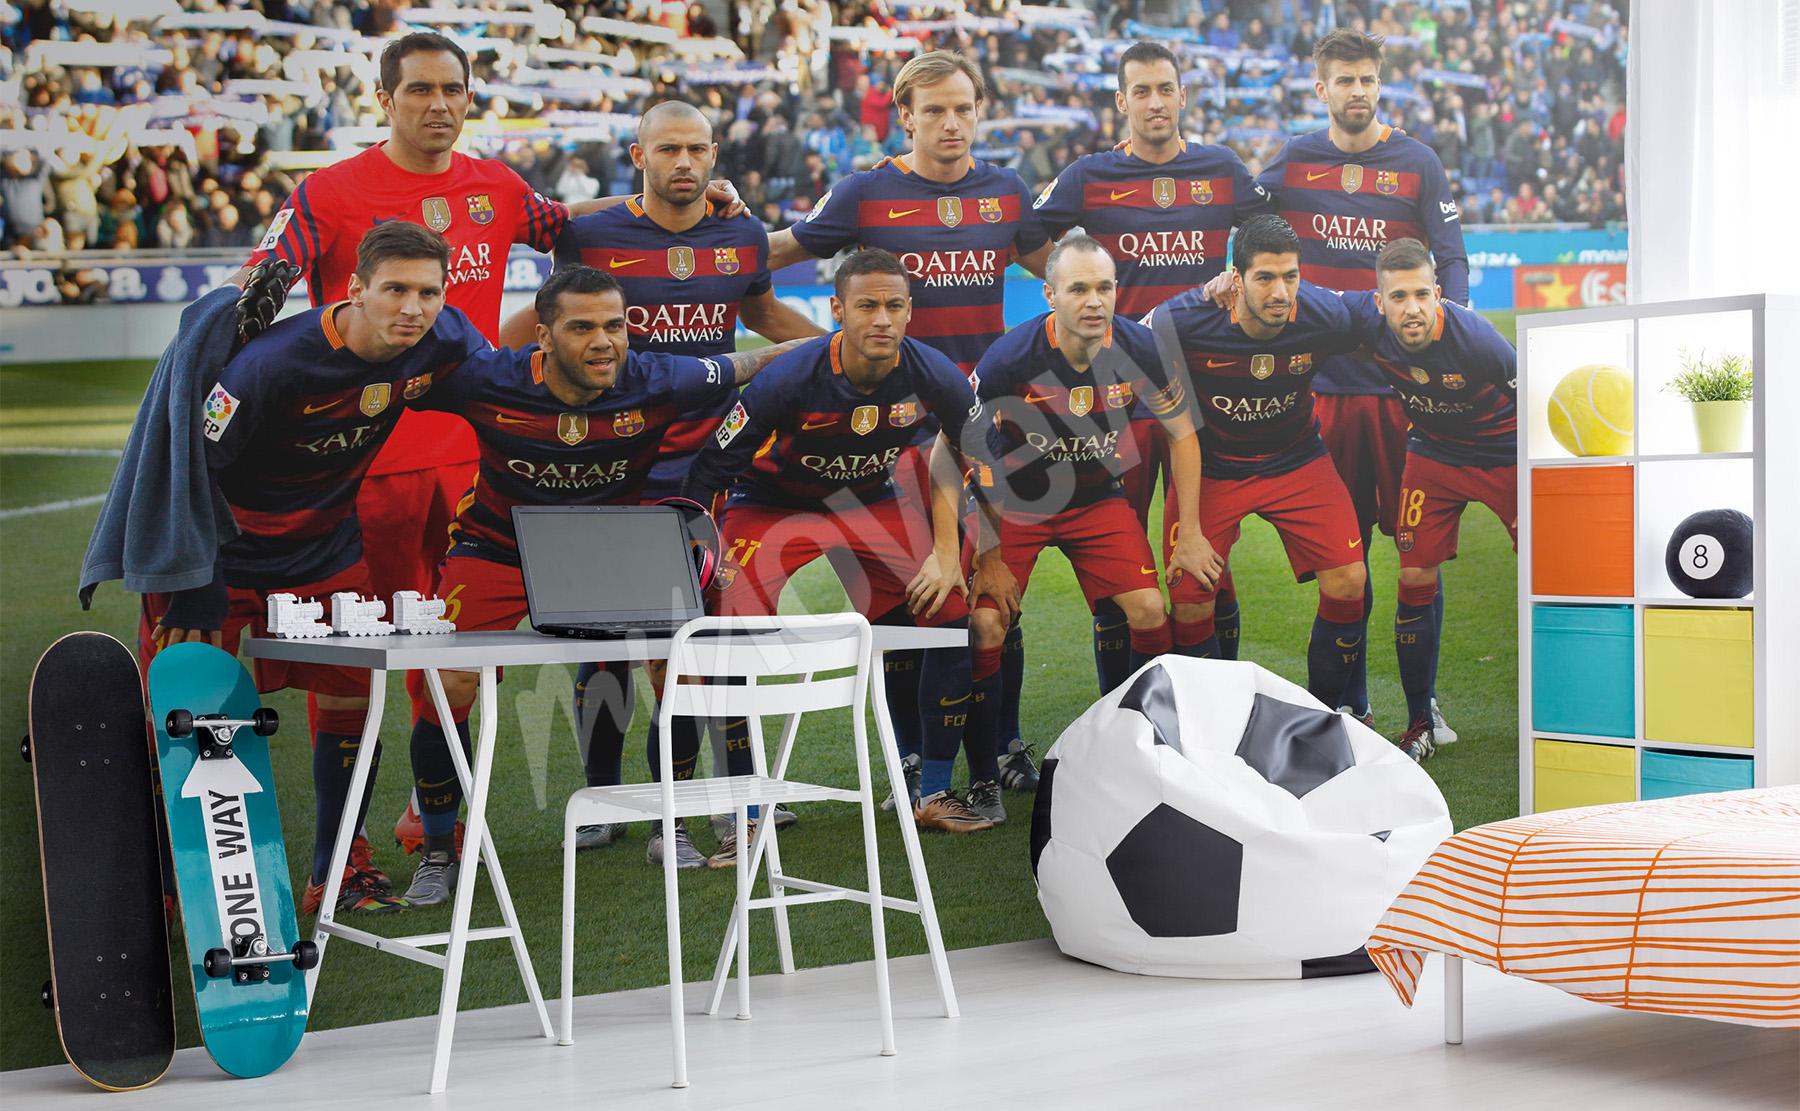 Papiers Peints Football Mur Aux Dimensions Myloviewfr